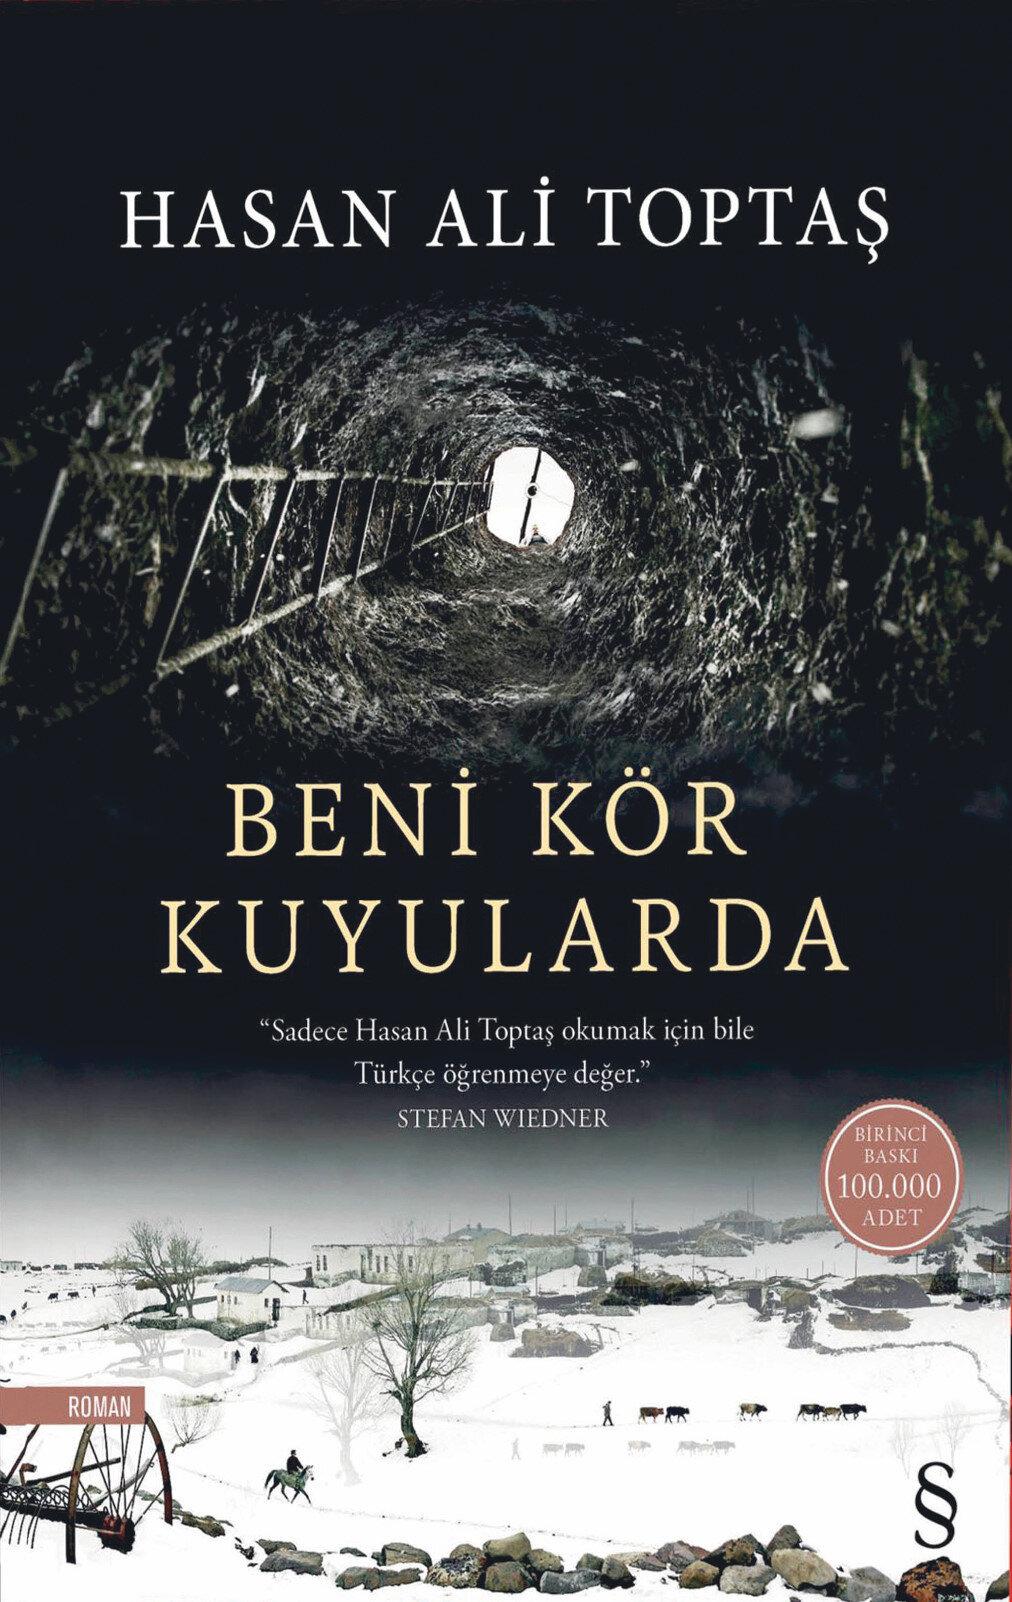 Beni Kör Kuyularda / Hasan Ali Toptaş / Everest Yayınları / Ekim 2019 / 238 sayfa